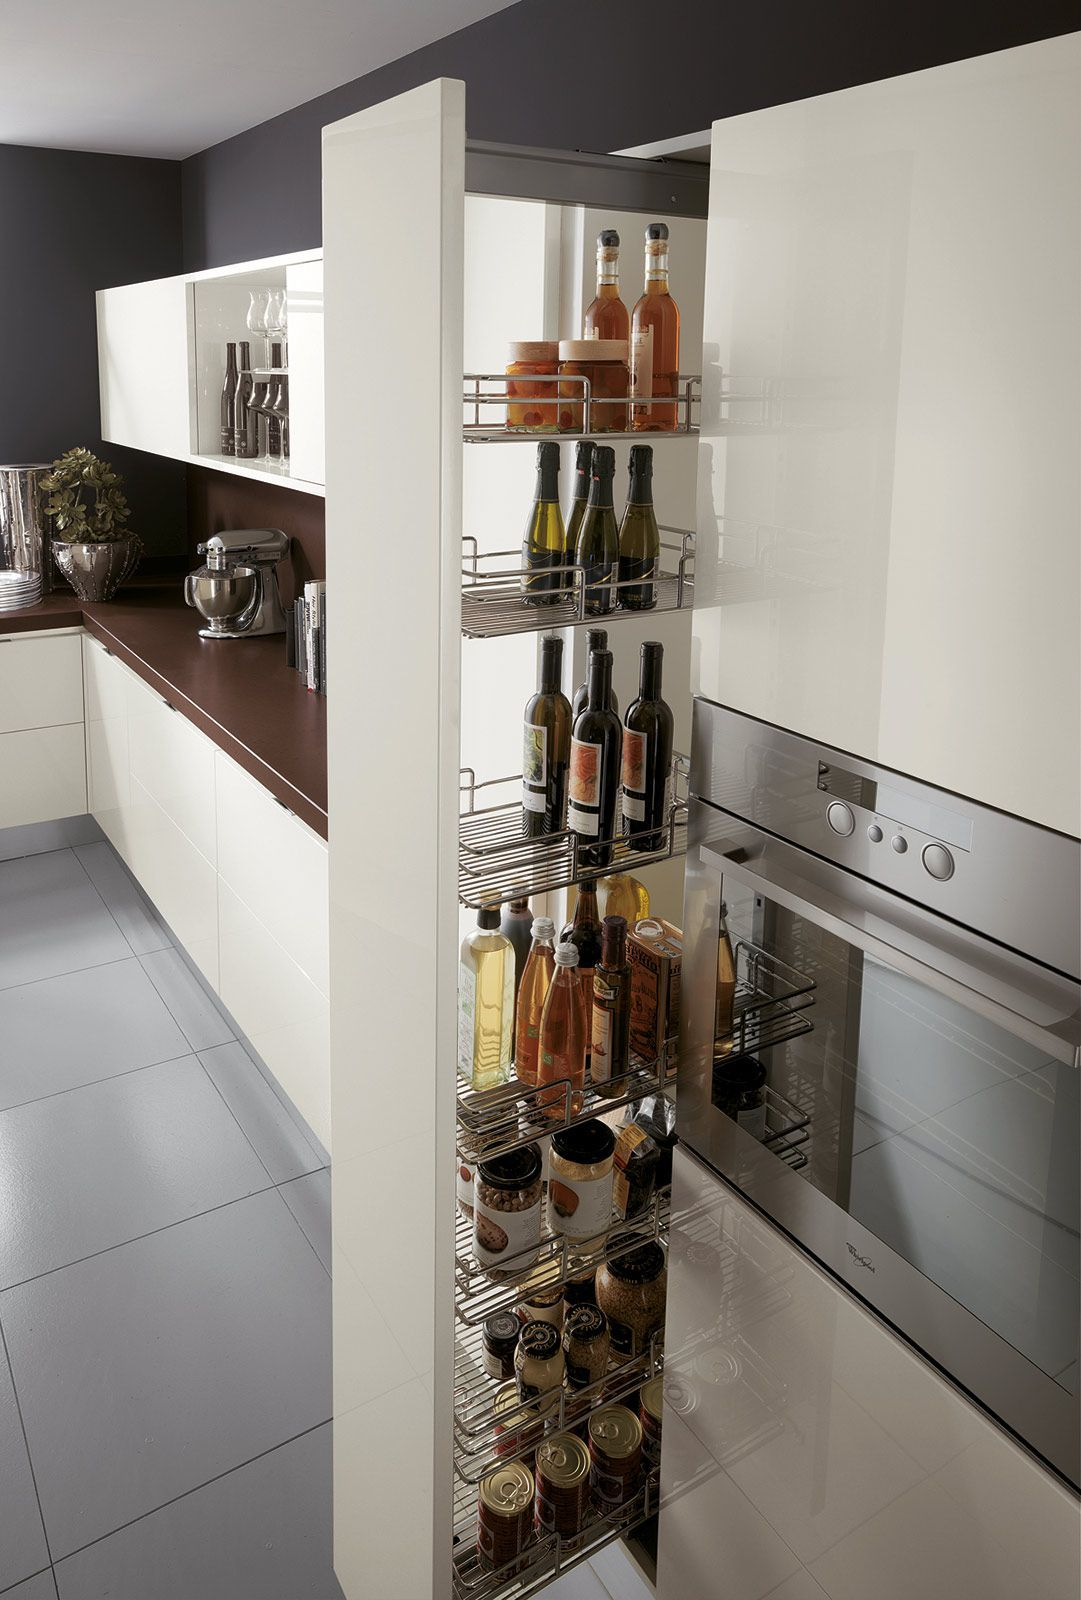 Cucina: che moduli scelgo per la dispensa | Pinterest | Kitchen ...